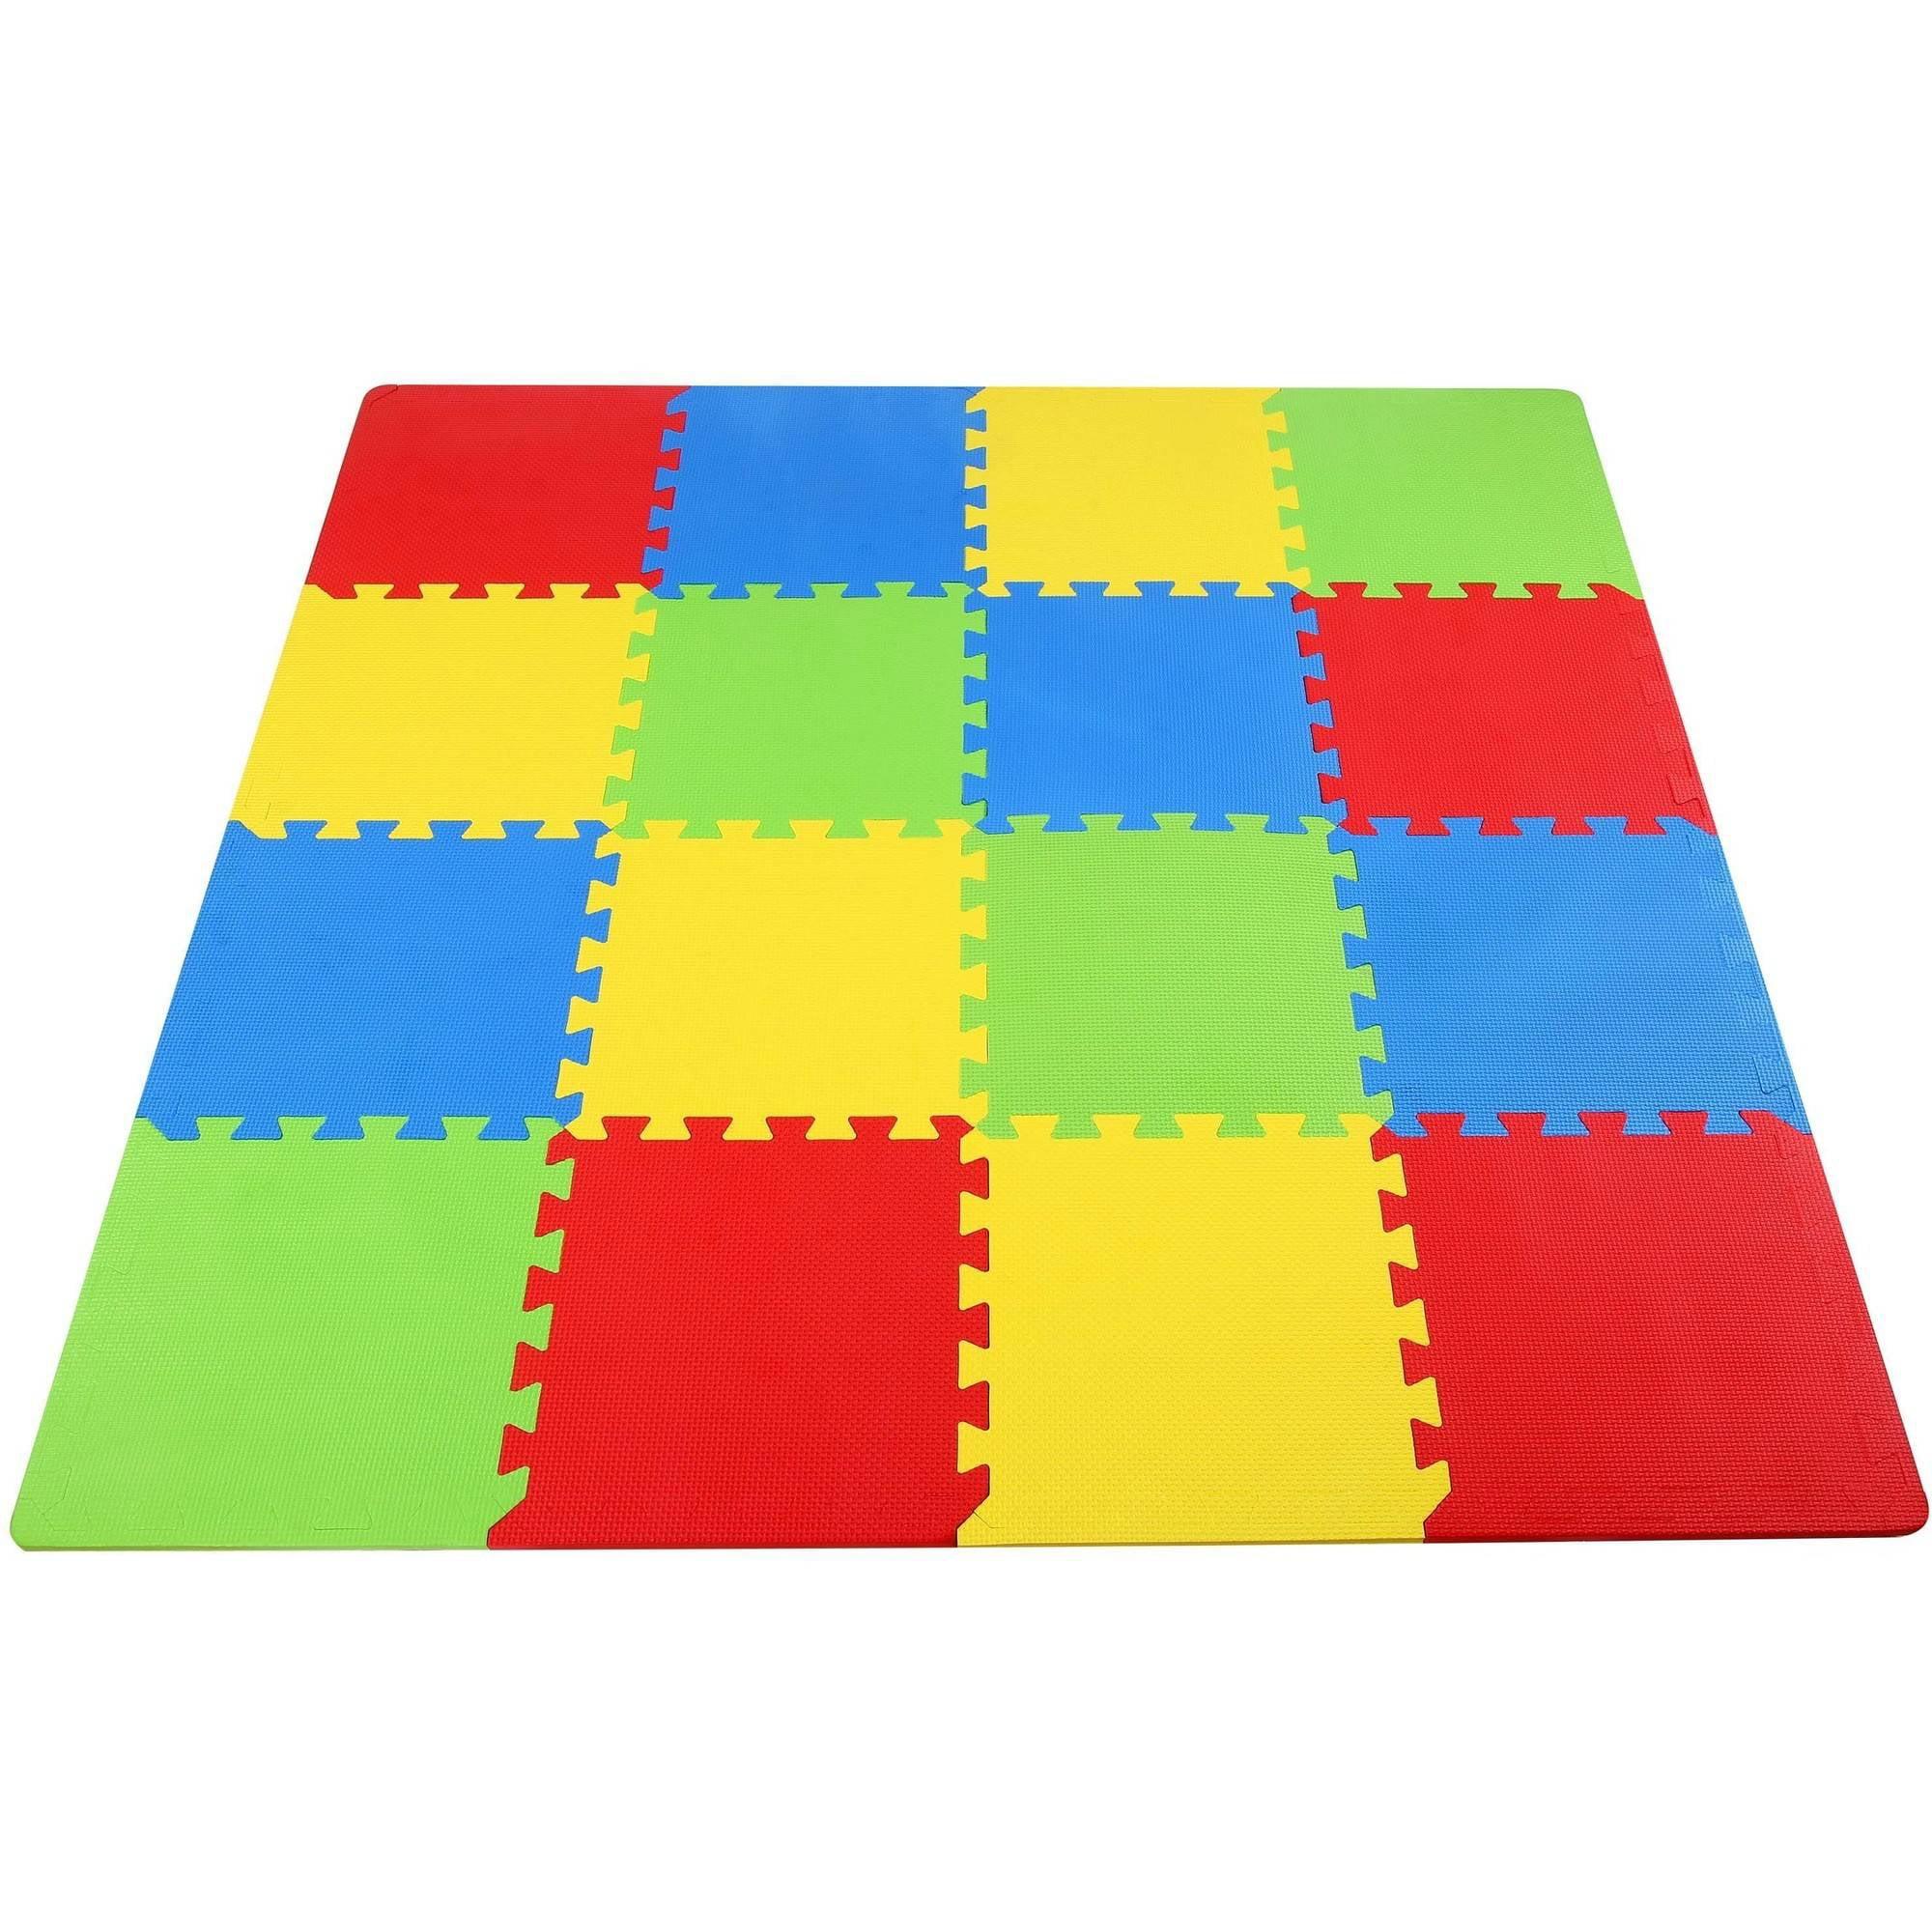 Hasil gambar untuk puzzle mat